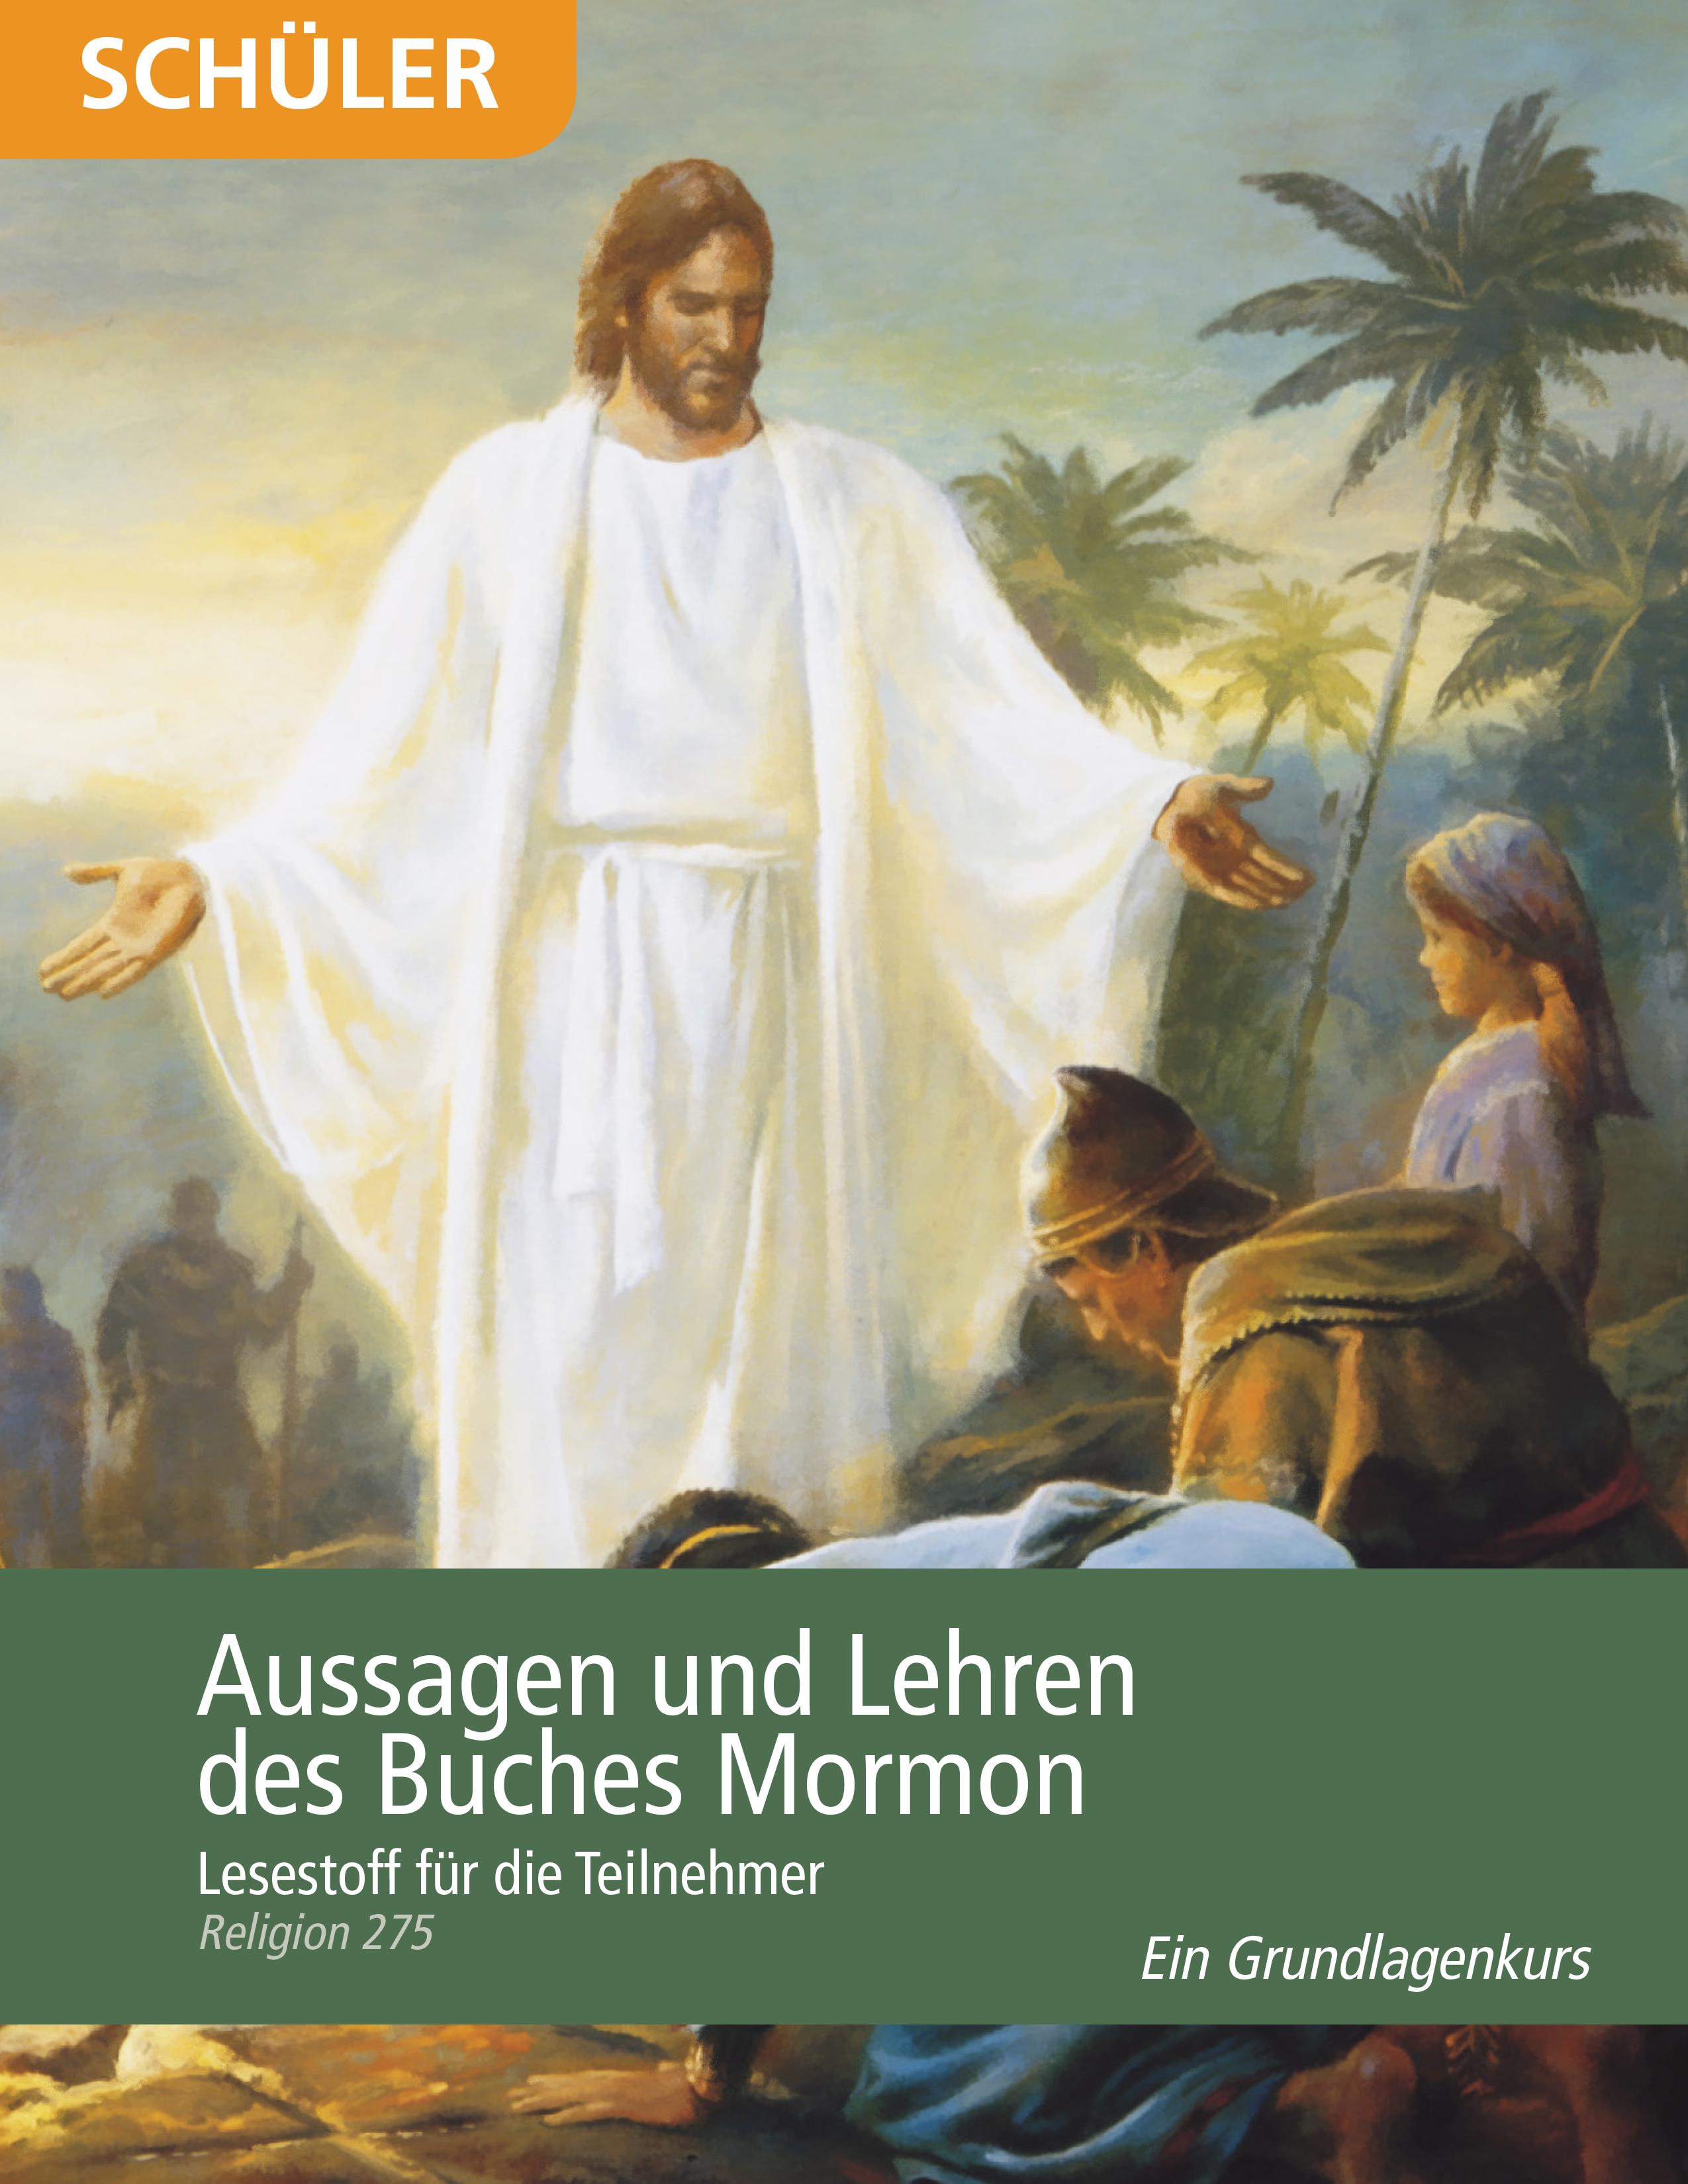 Aussagen und Lehren des Buches Mormon– Lesestoff für die Teilnehmer (Religion 275)